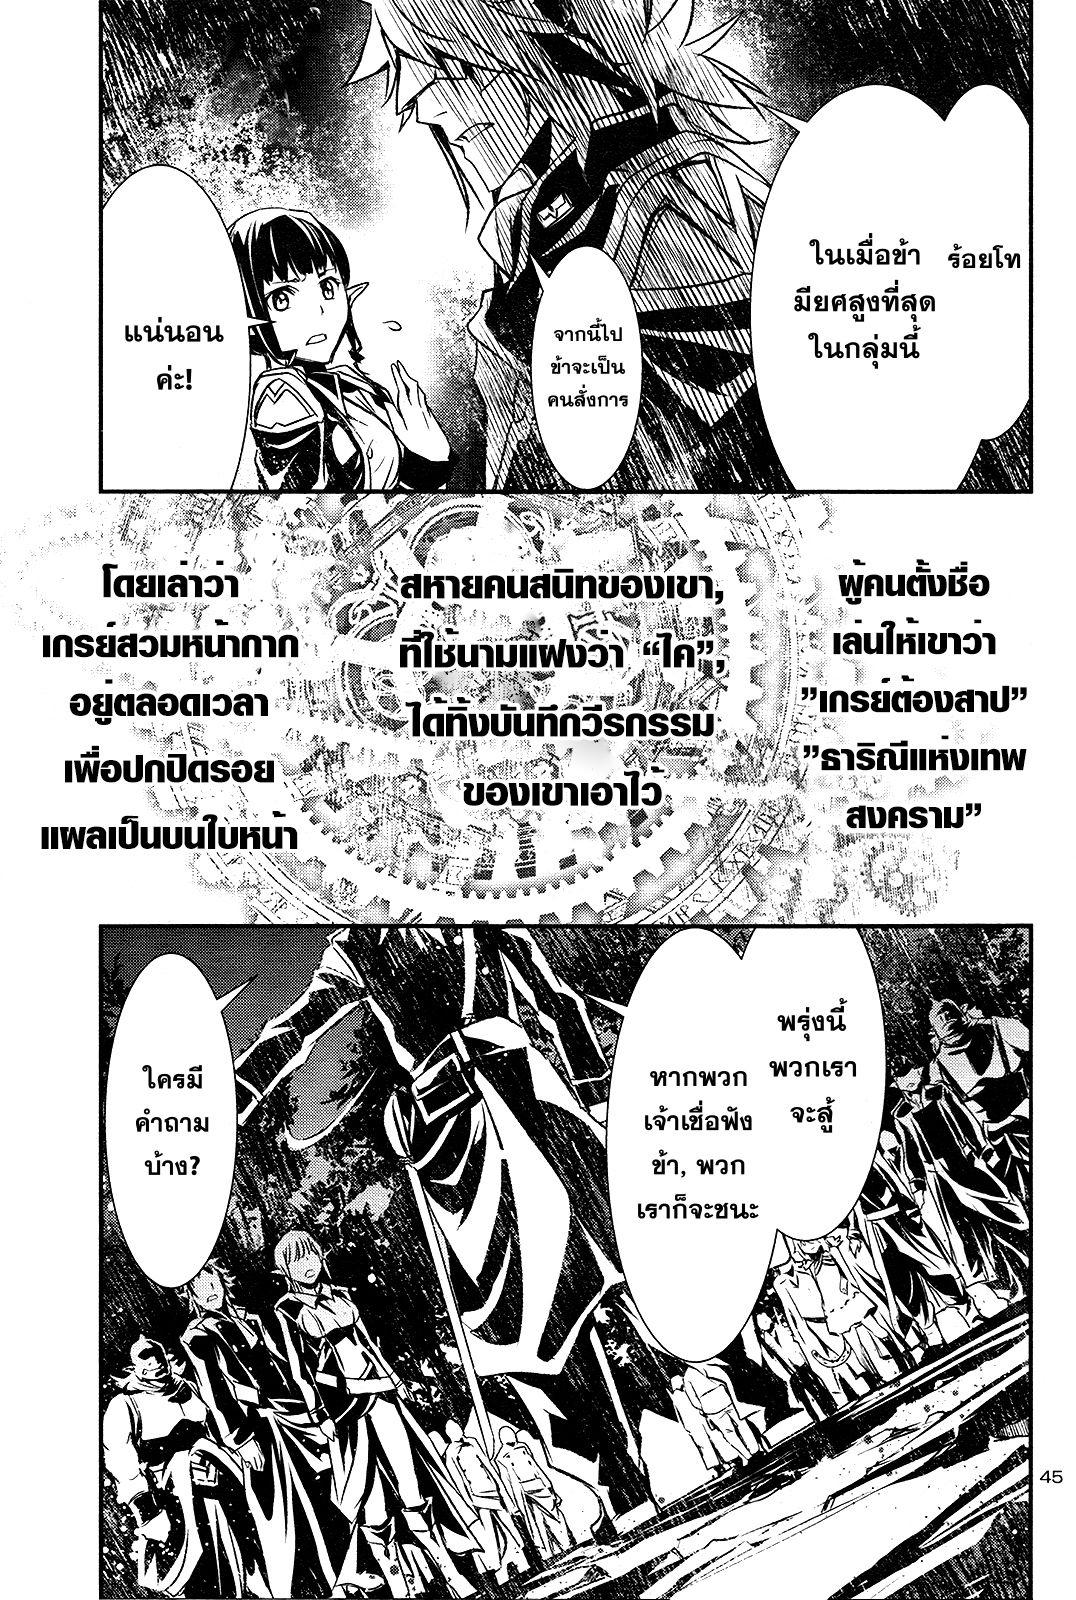 อ่านการ์ตูน Shinju no Nectar ตอนที่ 4 หน้าที่ 45